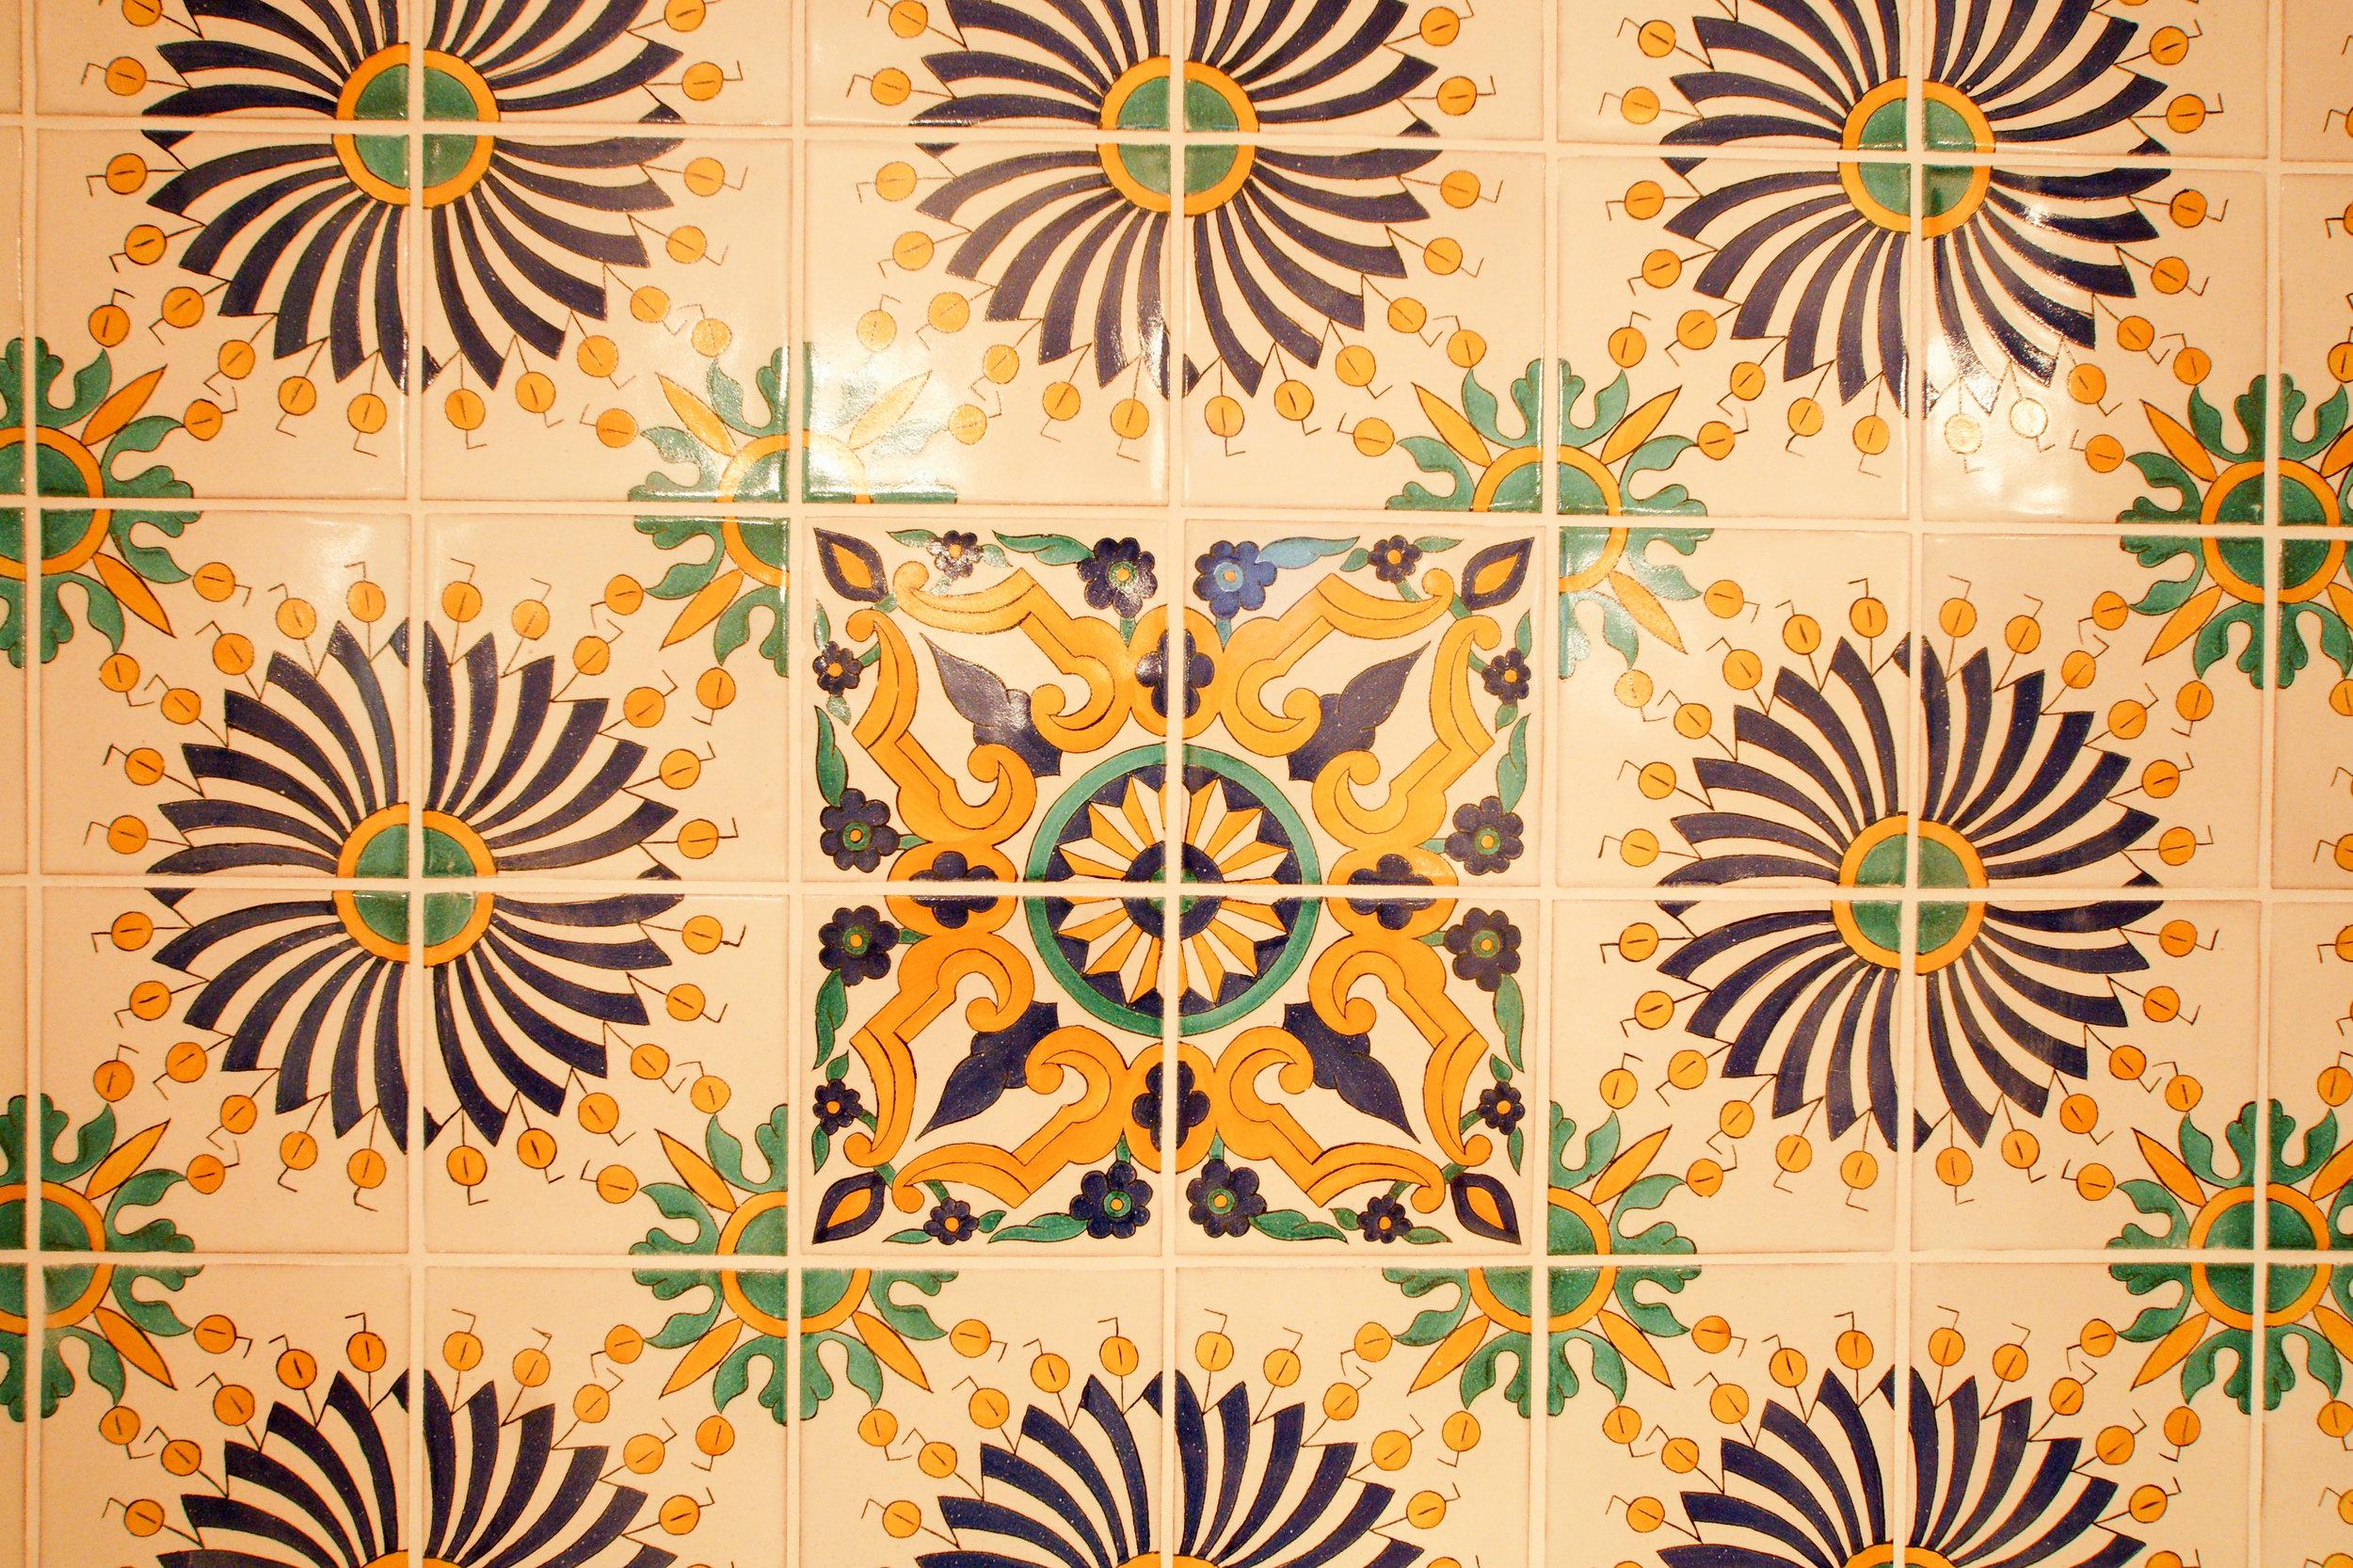 Interior_TileDetail.jpg